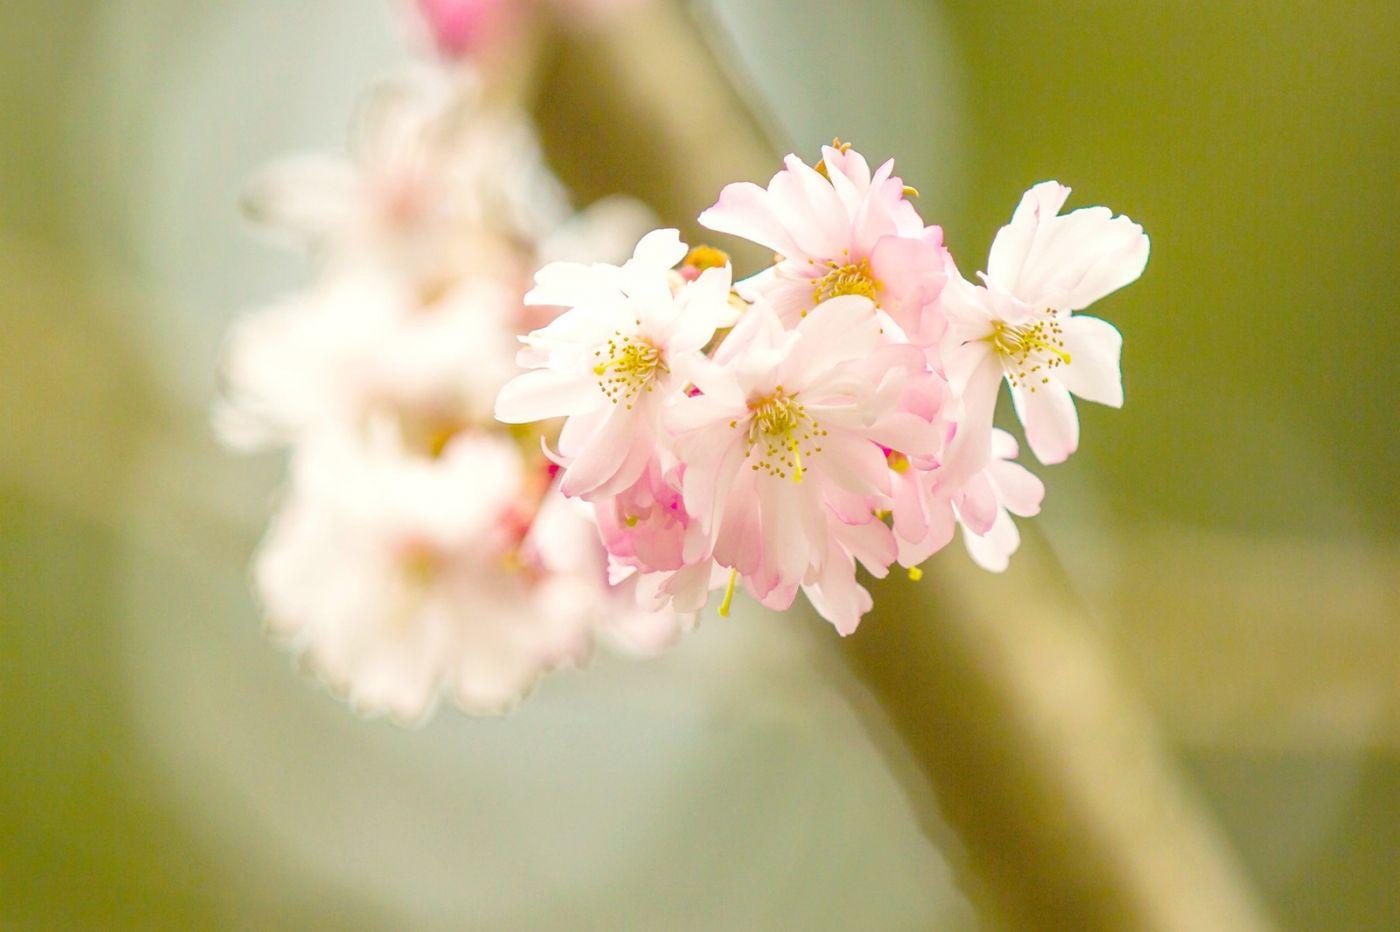 粉红的水嫩的,好看极了_图1-31